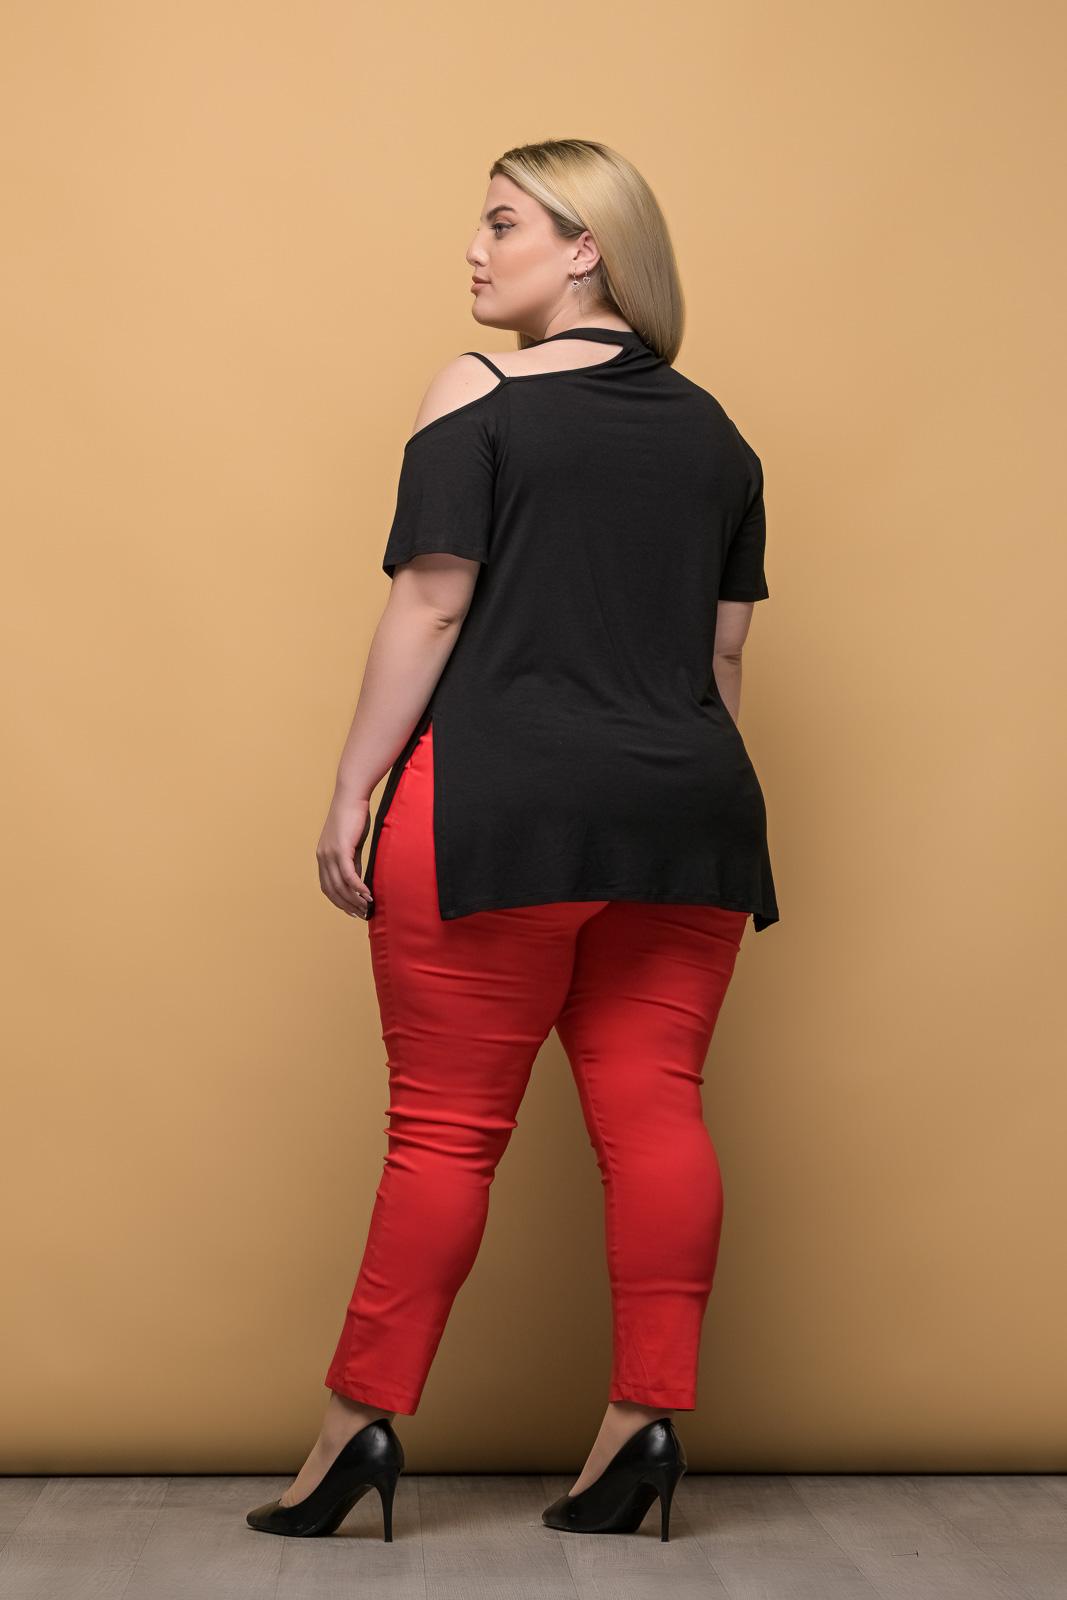 Μπλούζα μεγάλα μεγέθη με έξω ώμο μαύρο και ανοίγματα στο πλάι .Στο eshop μας θα βρείτε οικονομικά γυναίκεια ρούχα σε μεγάλα μεγέθη και υπερμεγέθη.